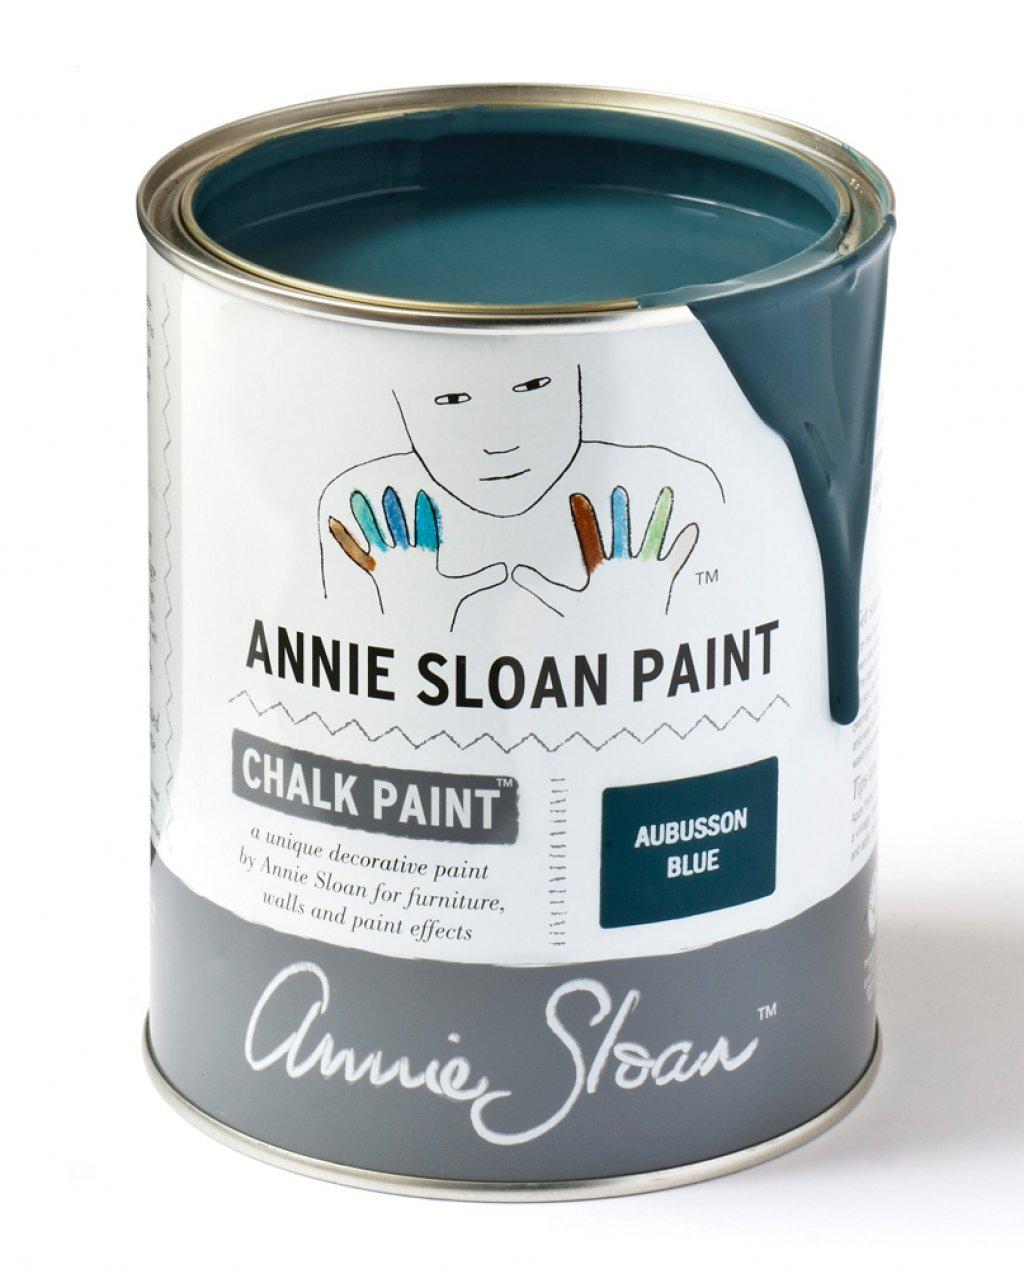 Annie Sloan Chalk Paint - Aubusson Blue